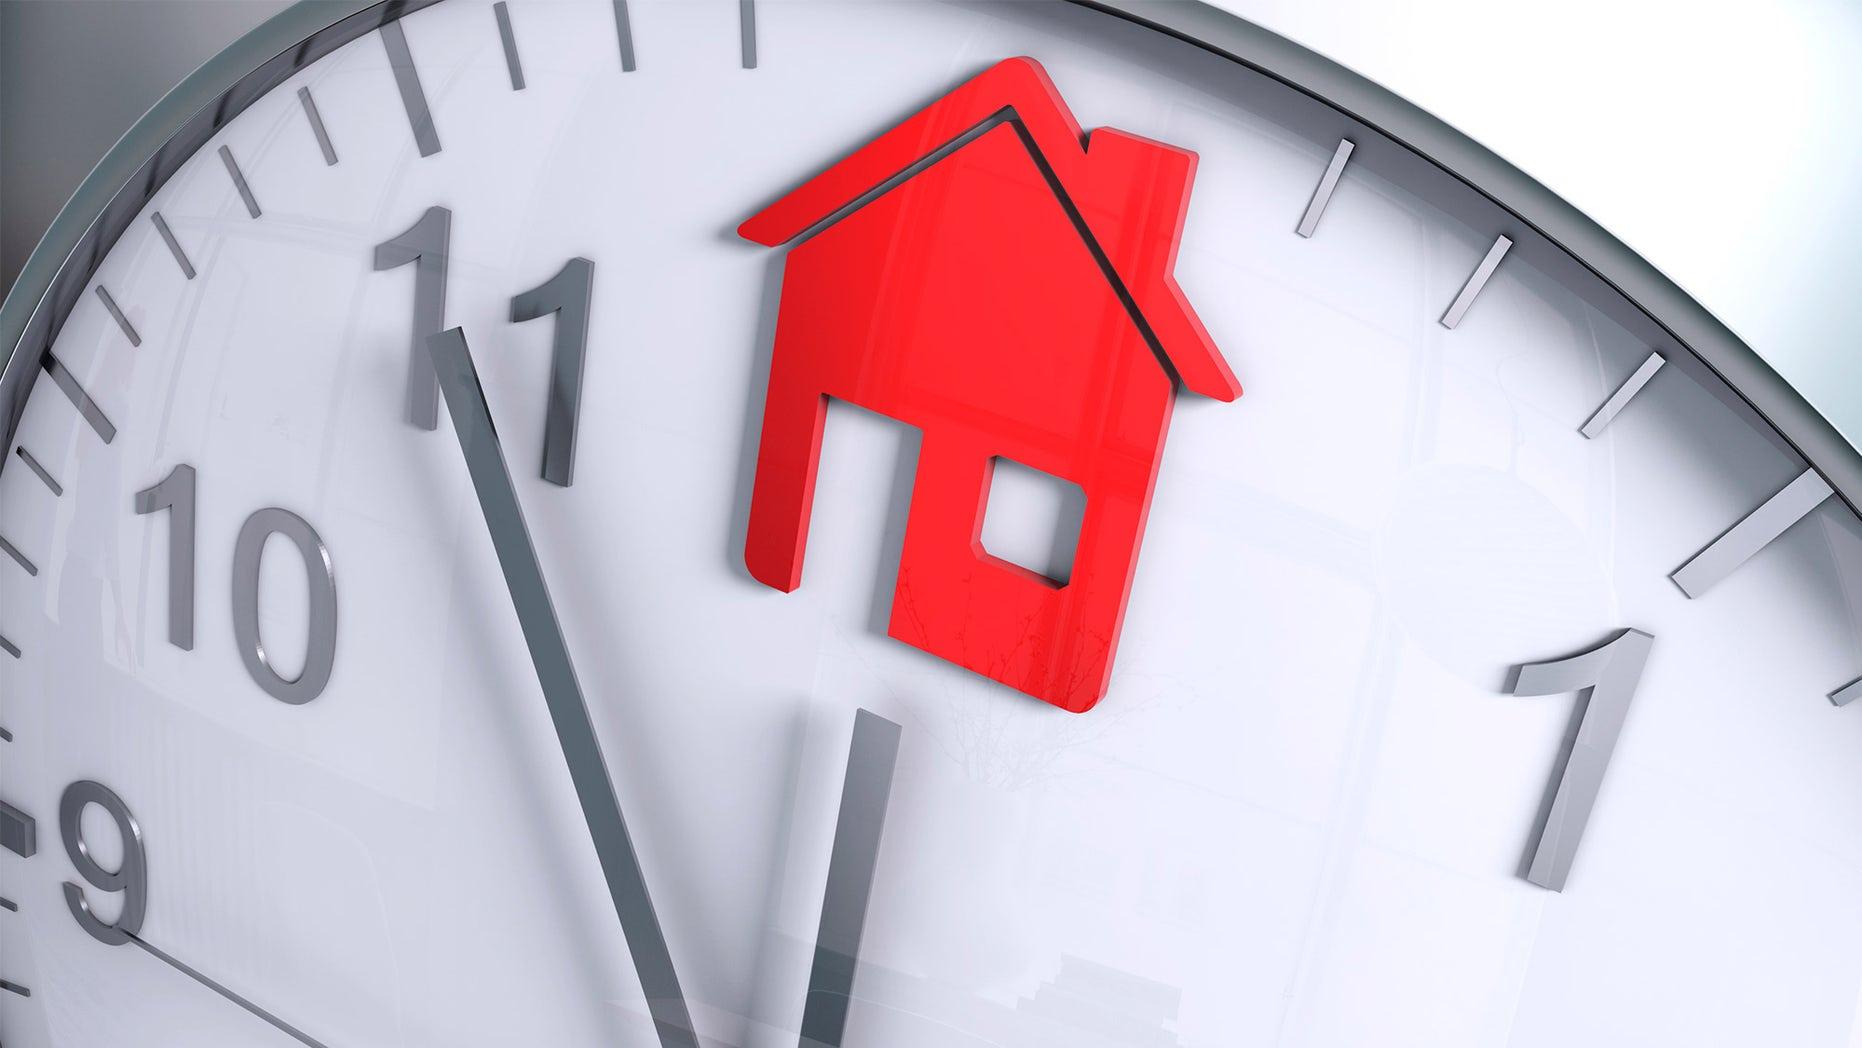 house shape on clock face